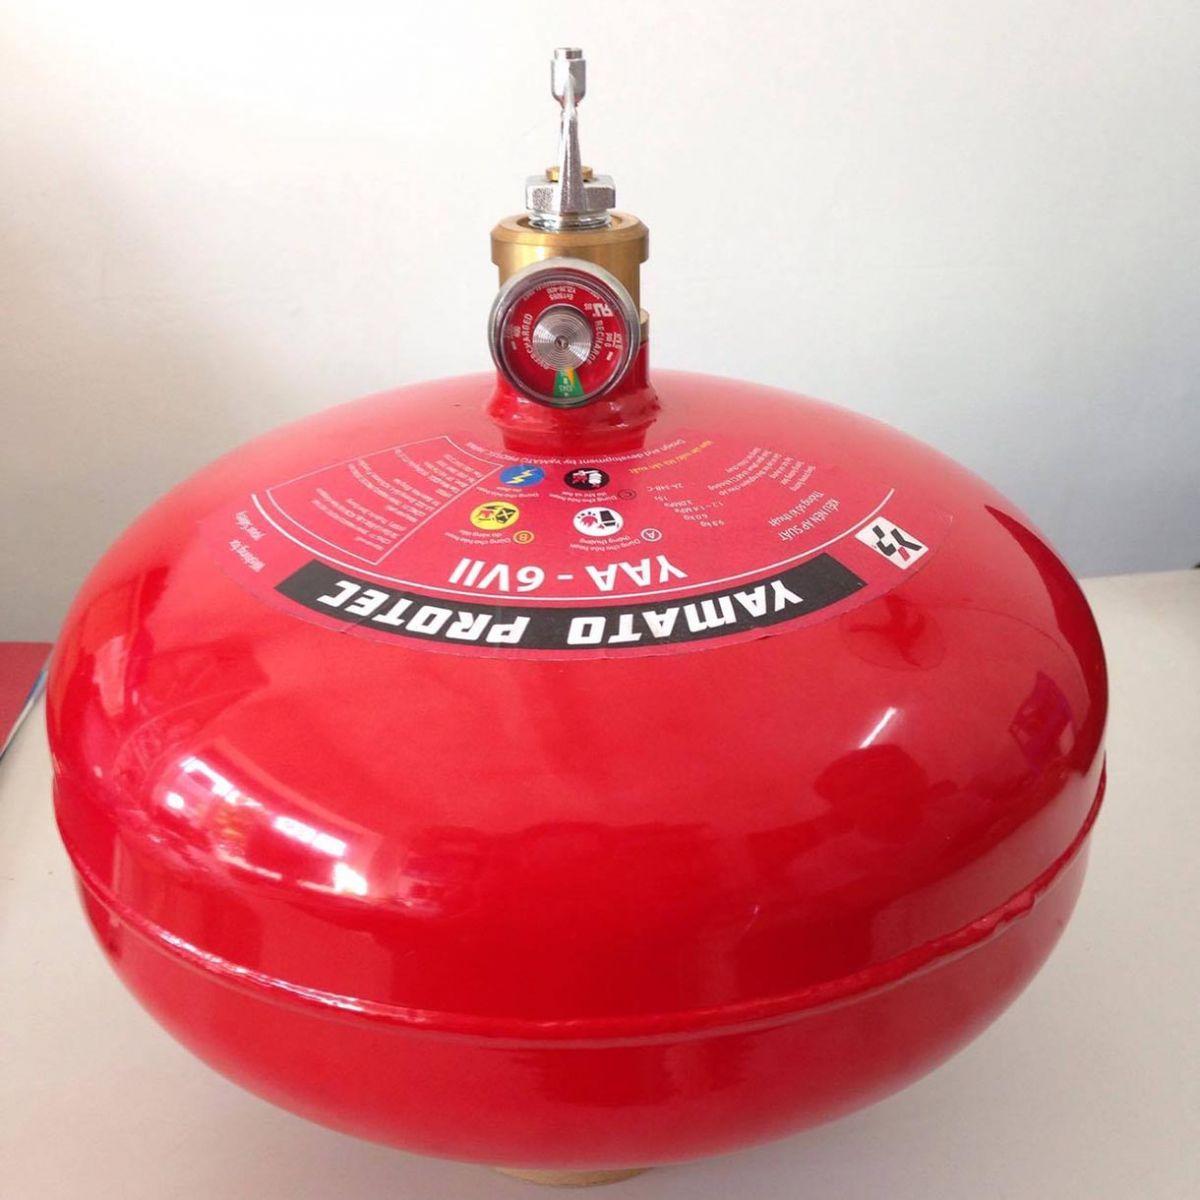 Quả cầu chữa cháy tự động Yamato Nhật Bản 6kg